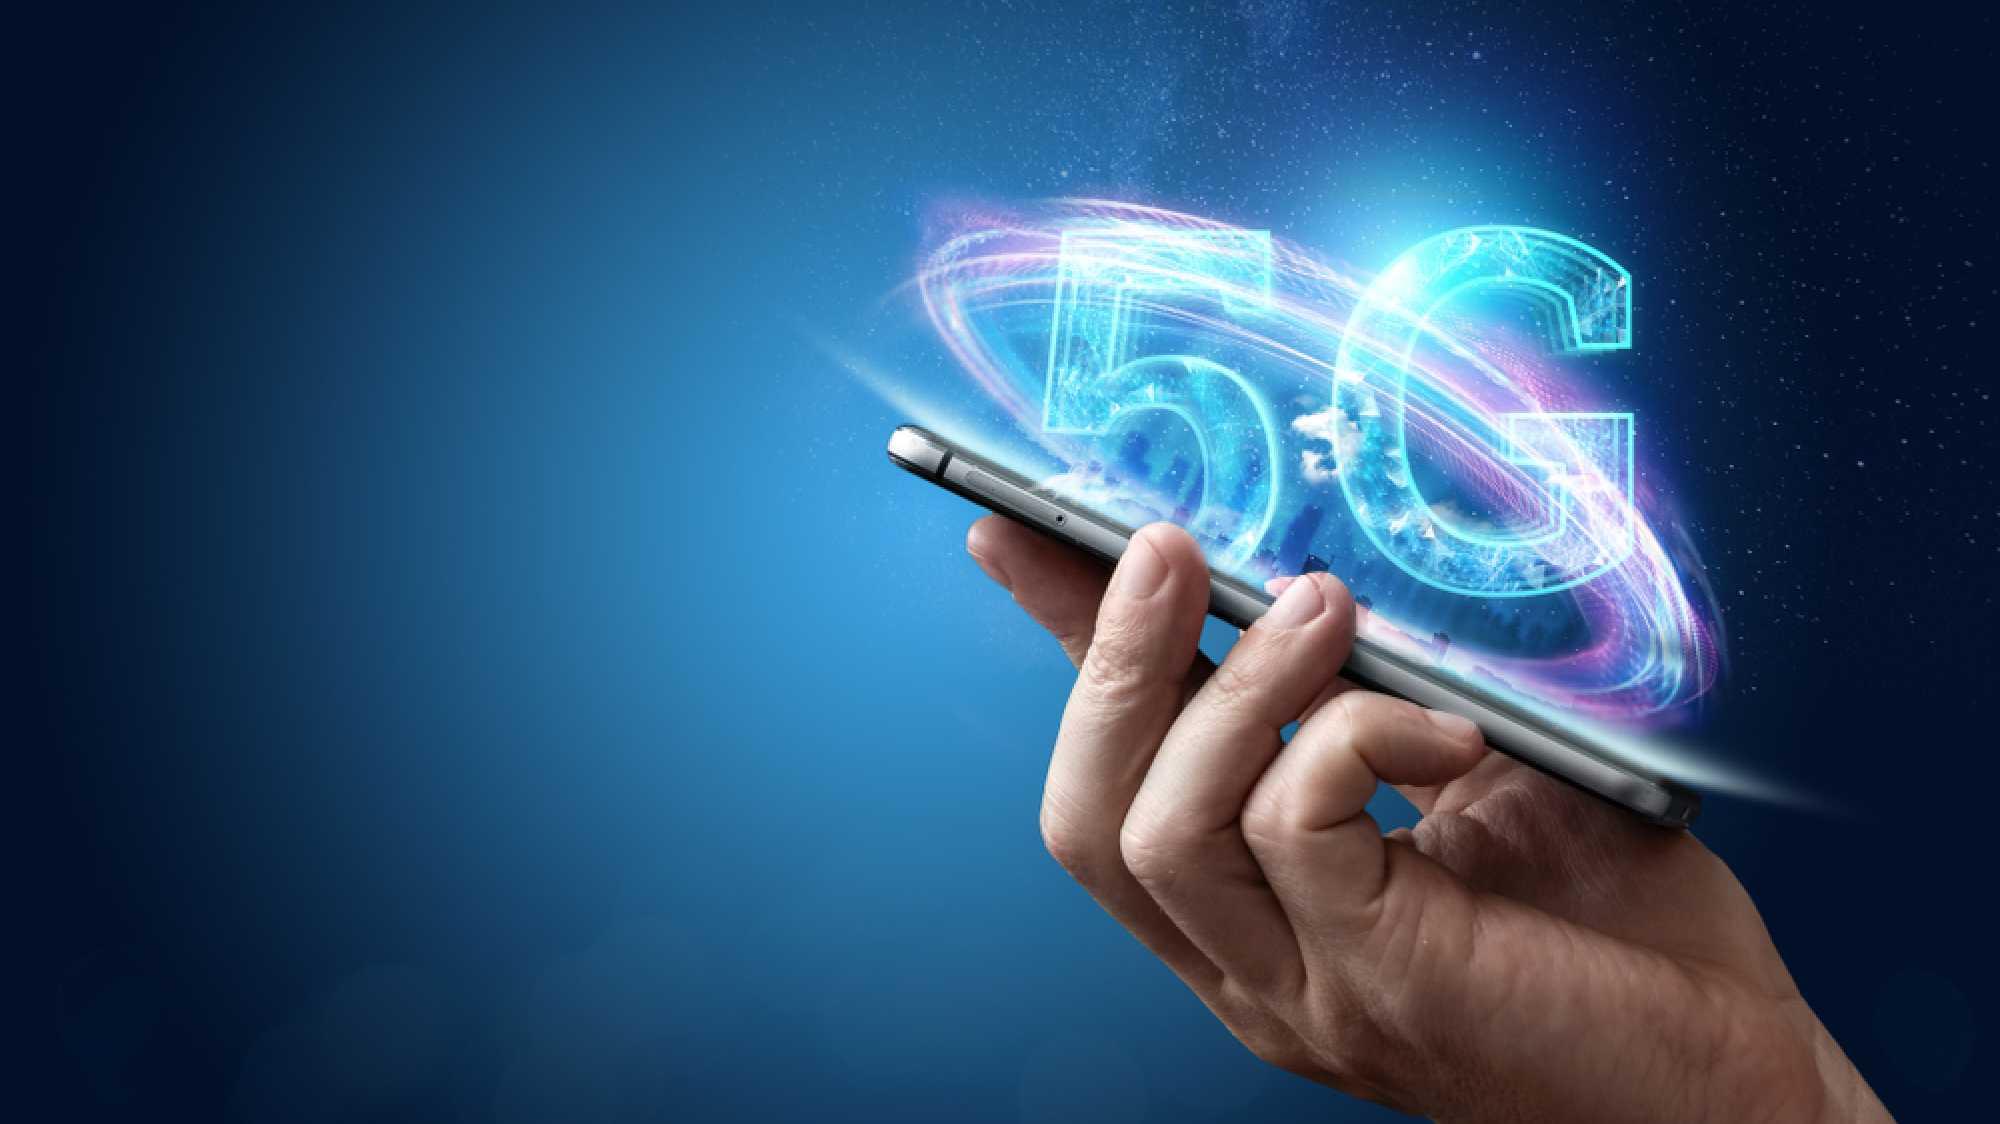 5G-Auktion: Mobilfunker bieten mehr als drei Milliarden Euro